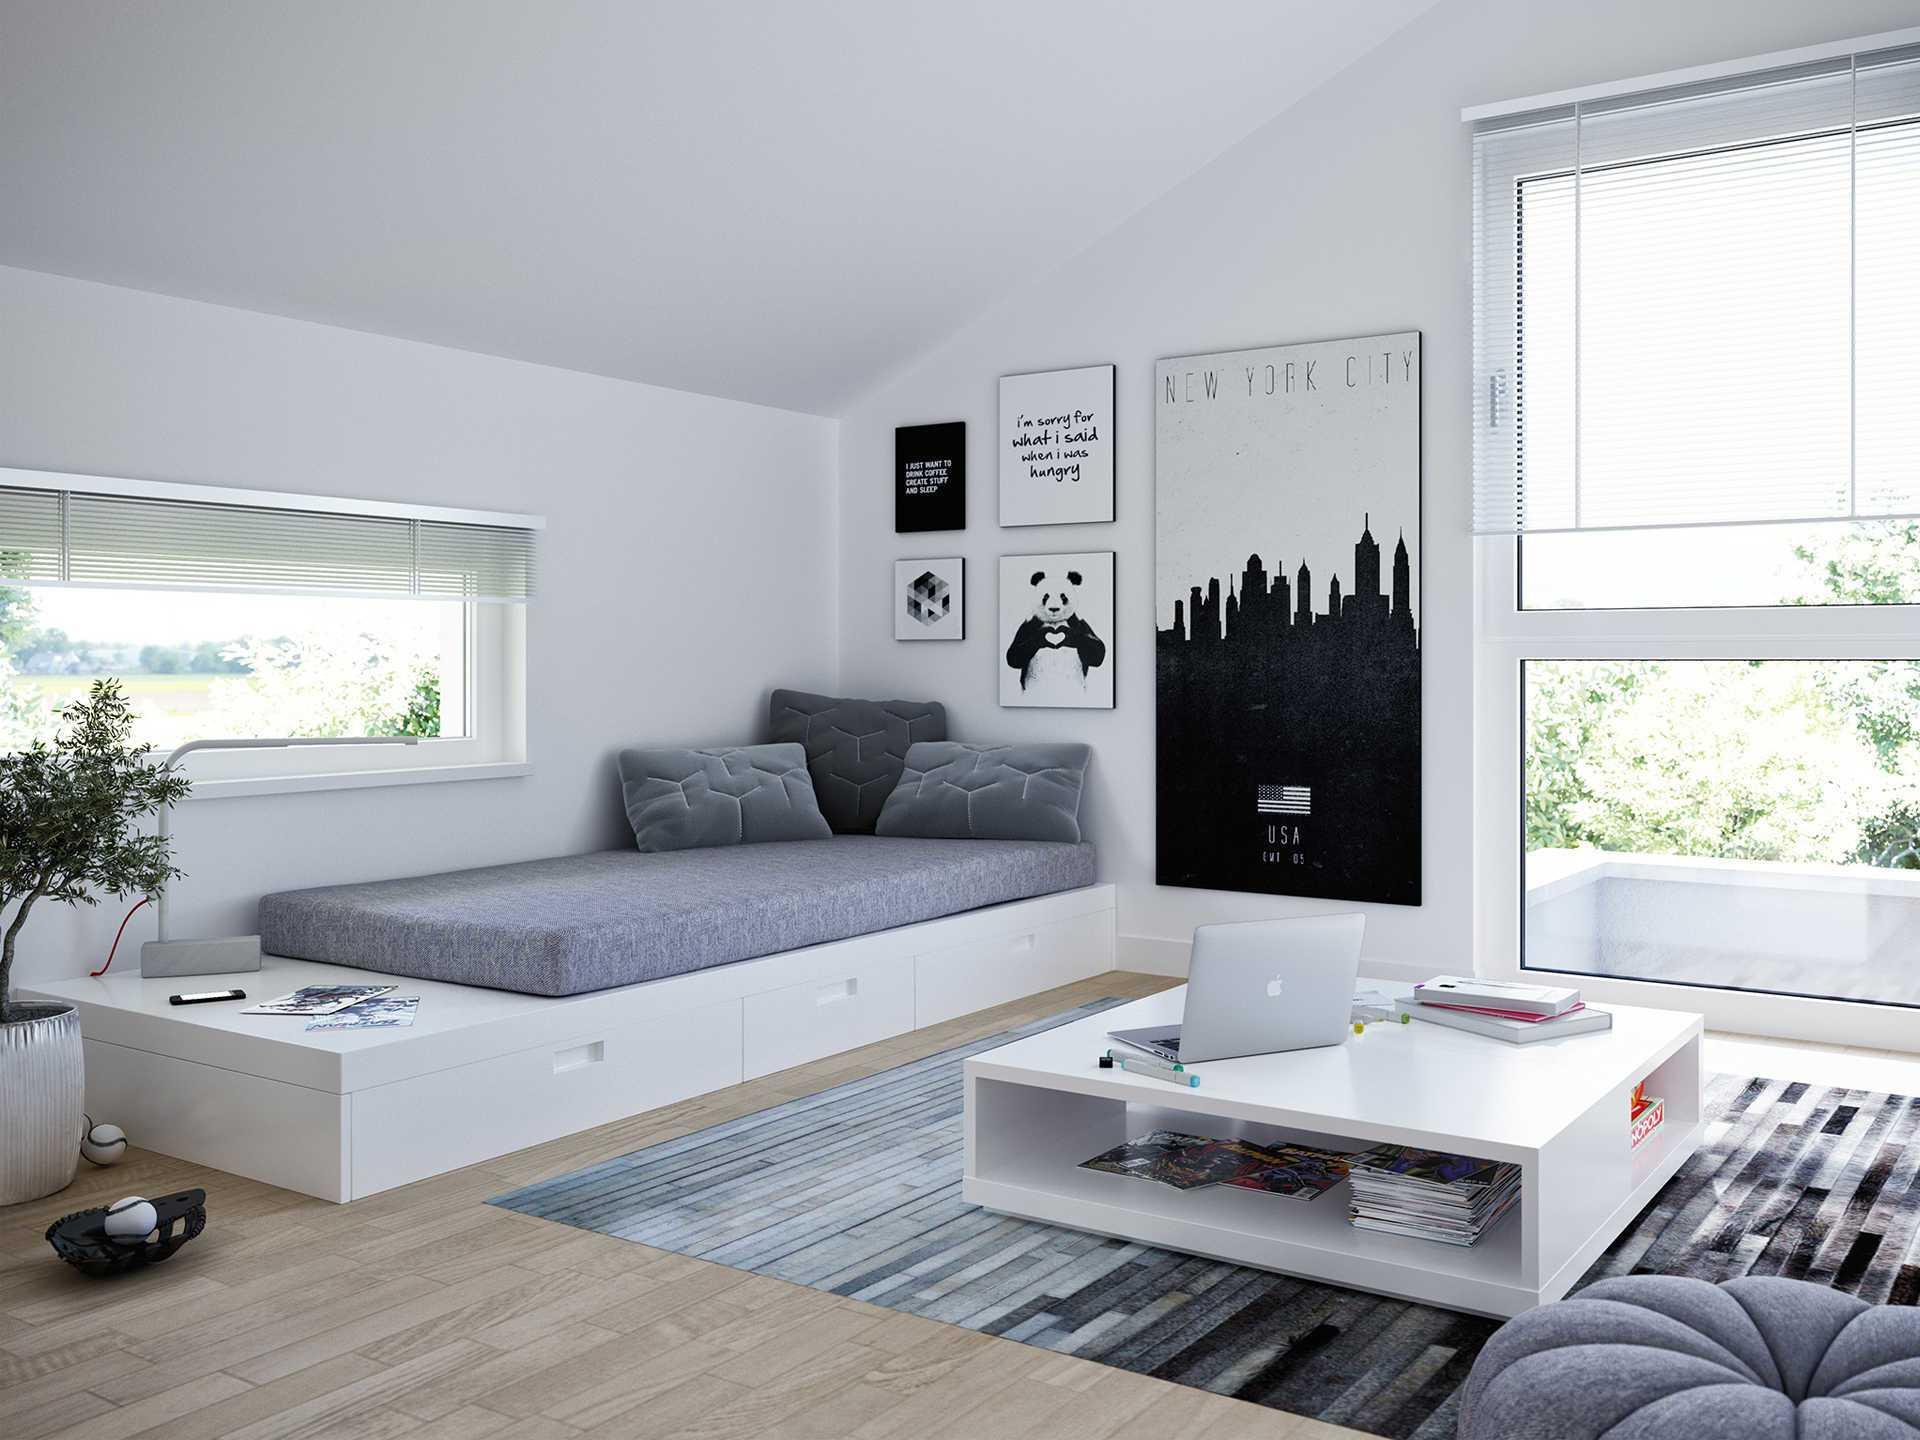 Innenansicht Kinderzimmer Edition 2 V2 - Einfamilienhaus von Bien Zenker